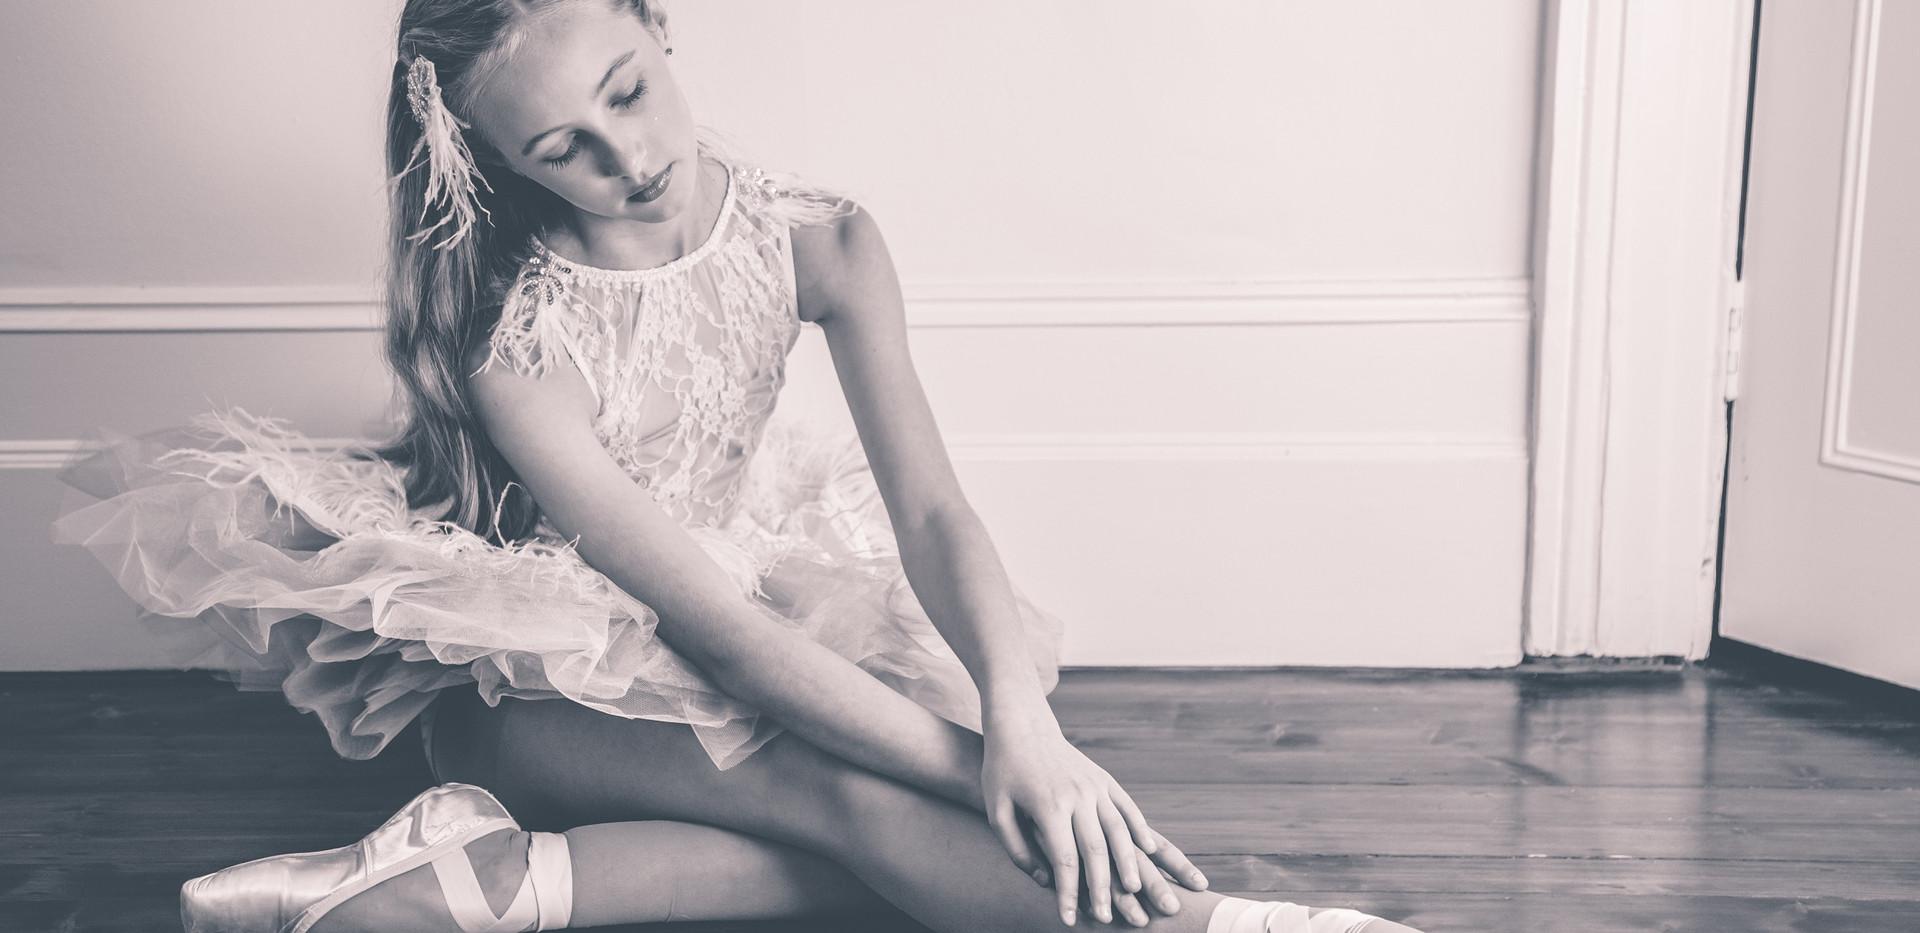 LeviLily Photography 2019 Lara dance pho